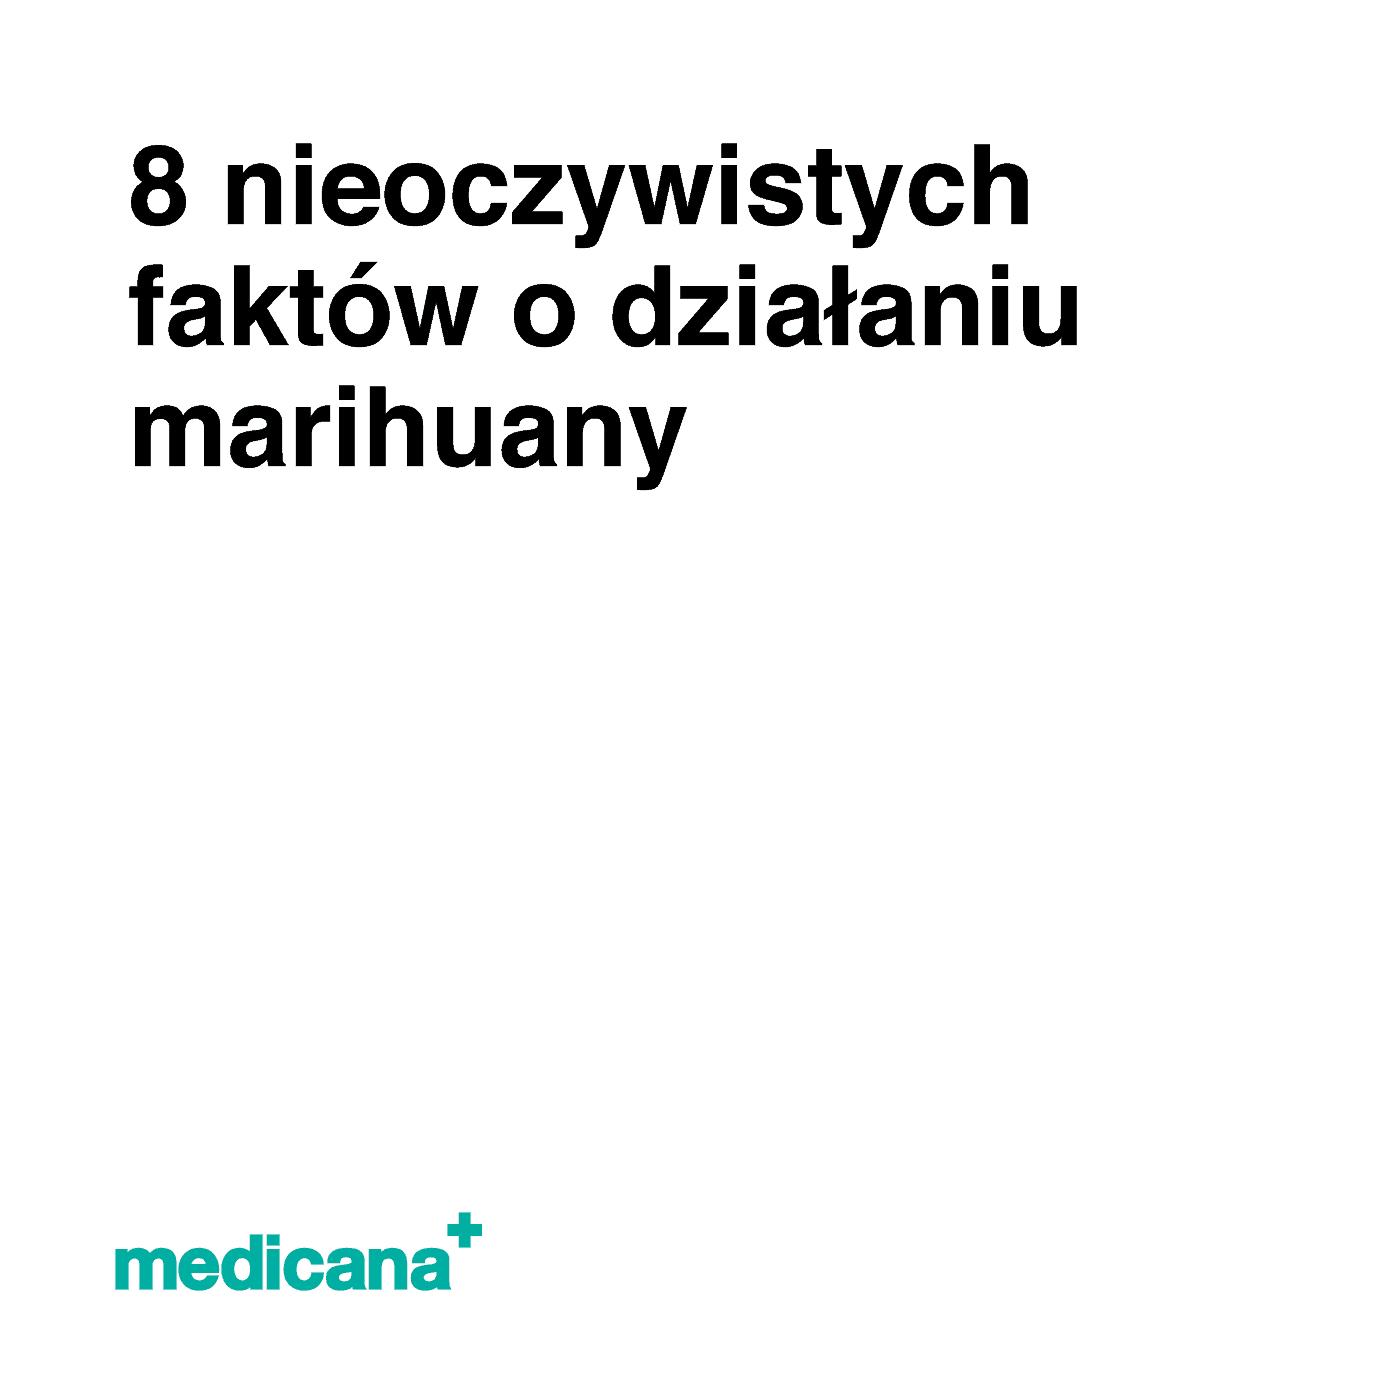 Grafika na białym tle napis: 8 nieoczywistych faktów o działaniu marihuany oraz zielone logo medicana w lewym dolnym rogu.